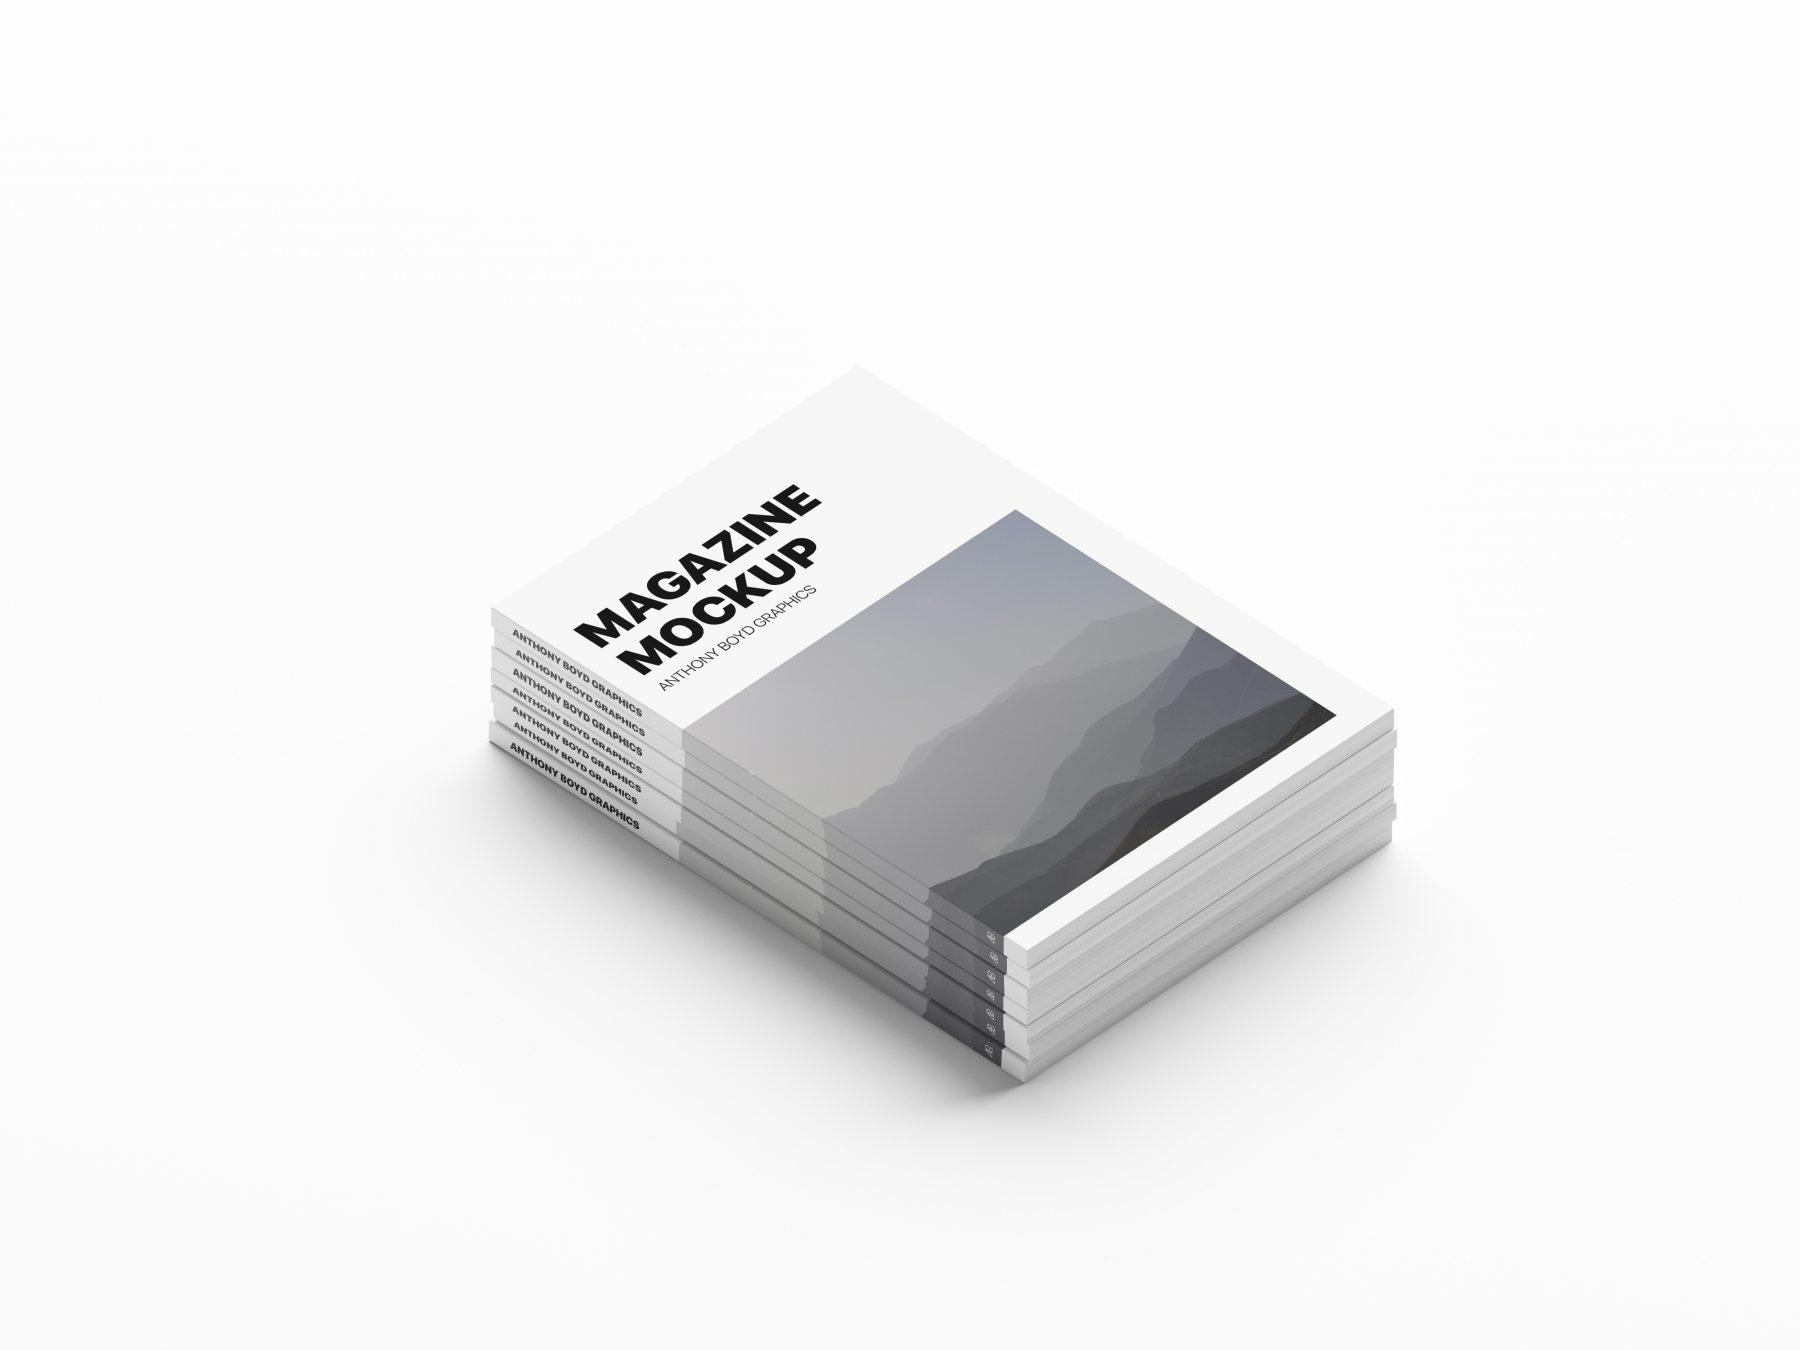 1569726424 f1355356a703c8e - 简约质感商务风书册logo样机